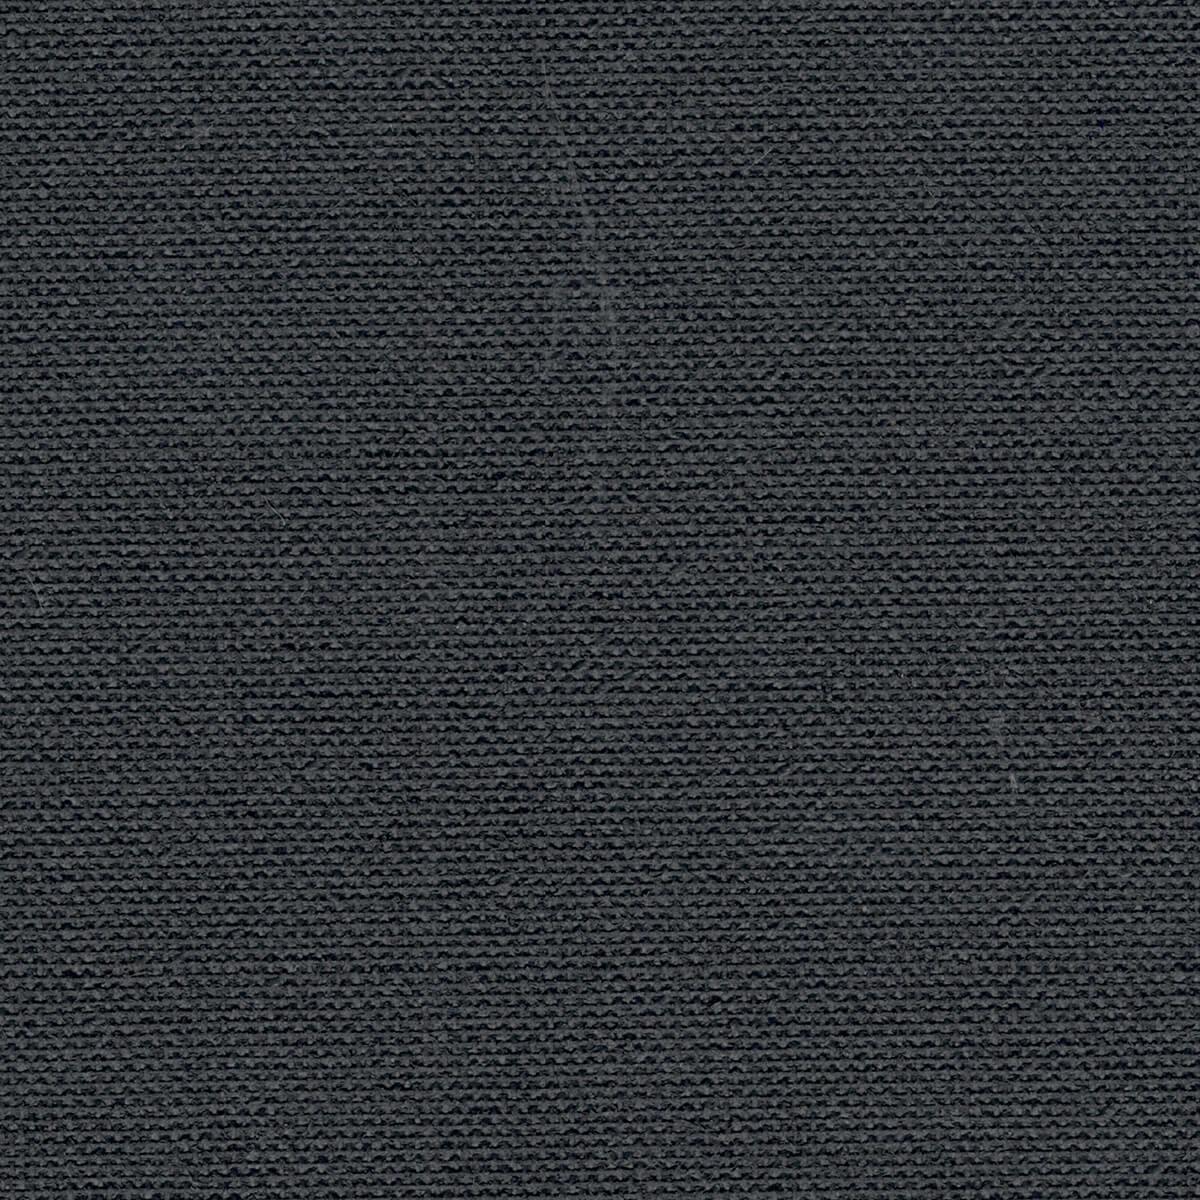 پرده شید با سبک مدرن   جنس پلی استر . پی وی سی   کد VSH05  گروه وراتی